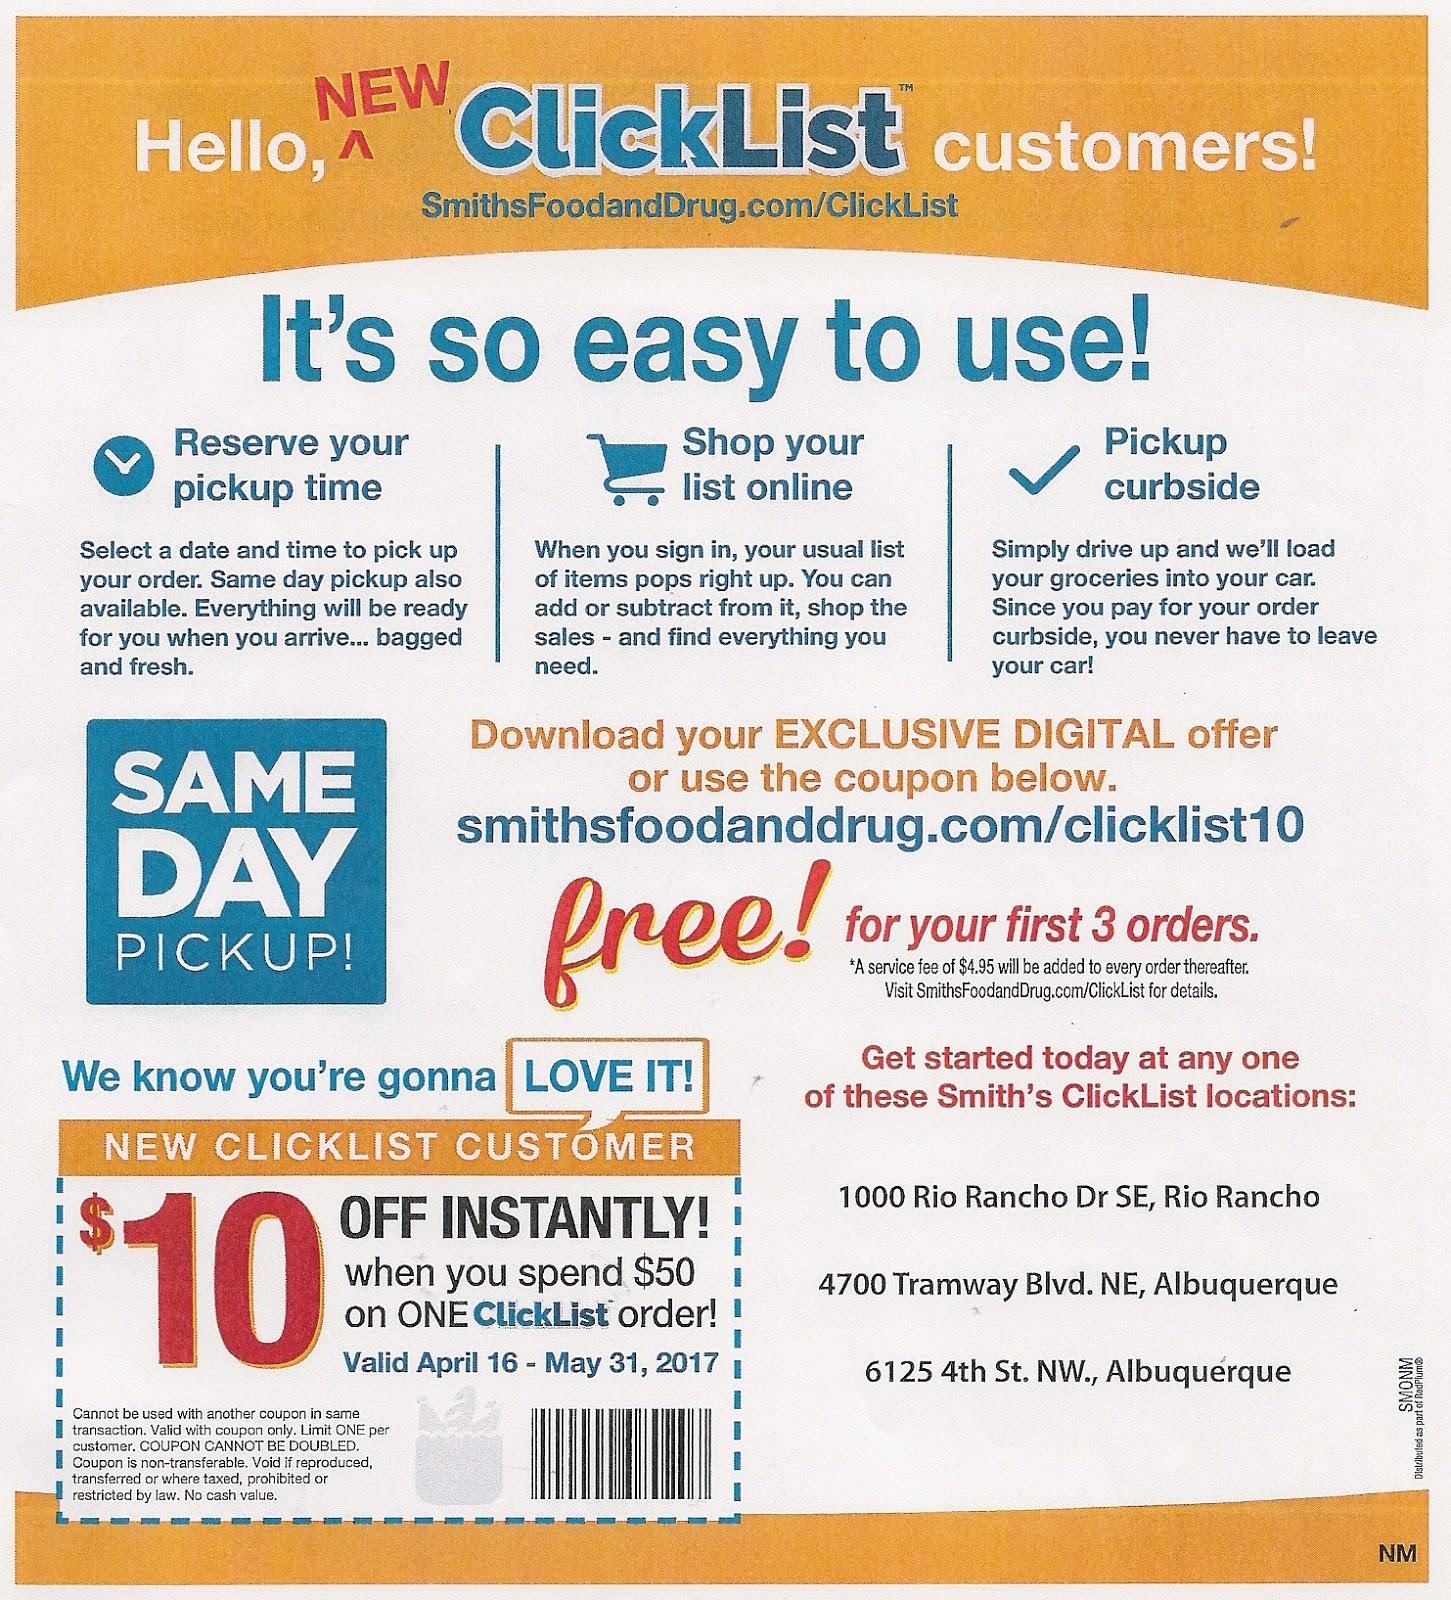 Smithsfoodanddrug digital coupons